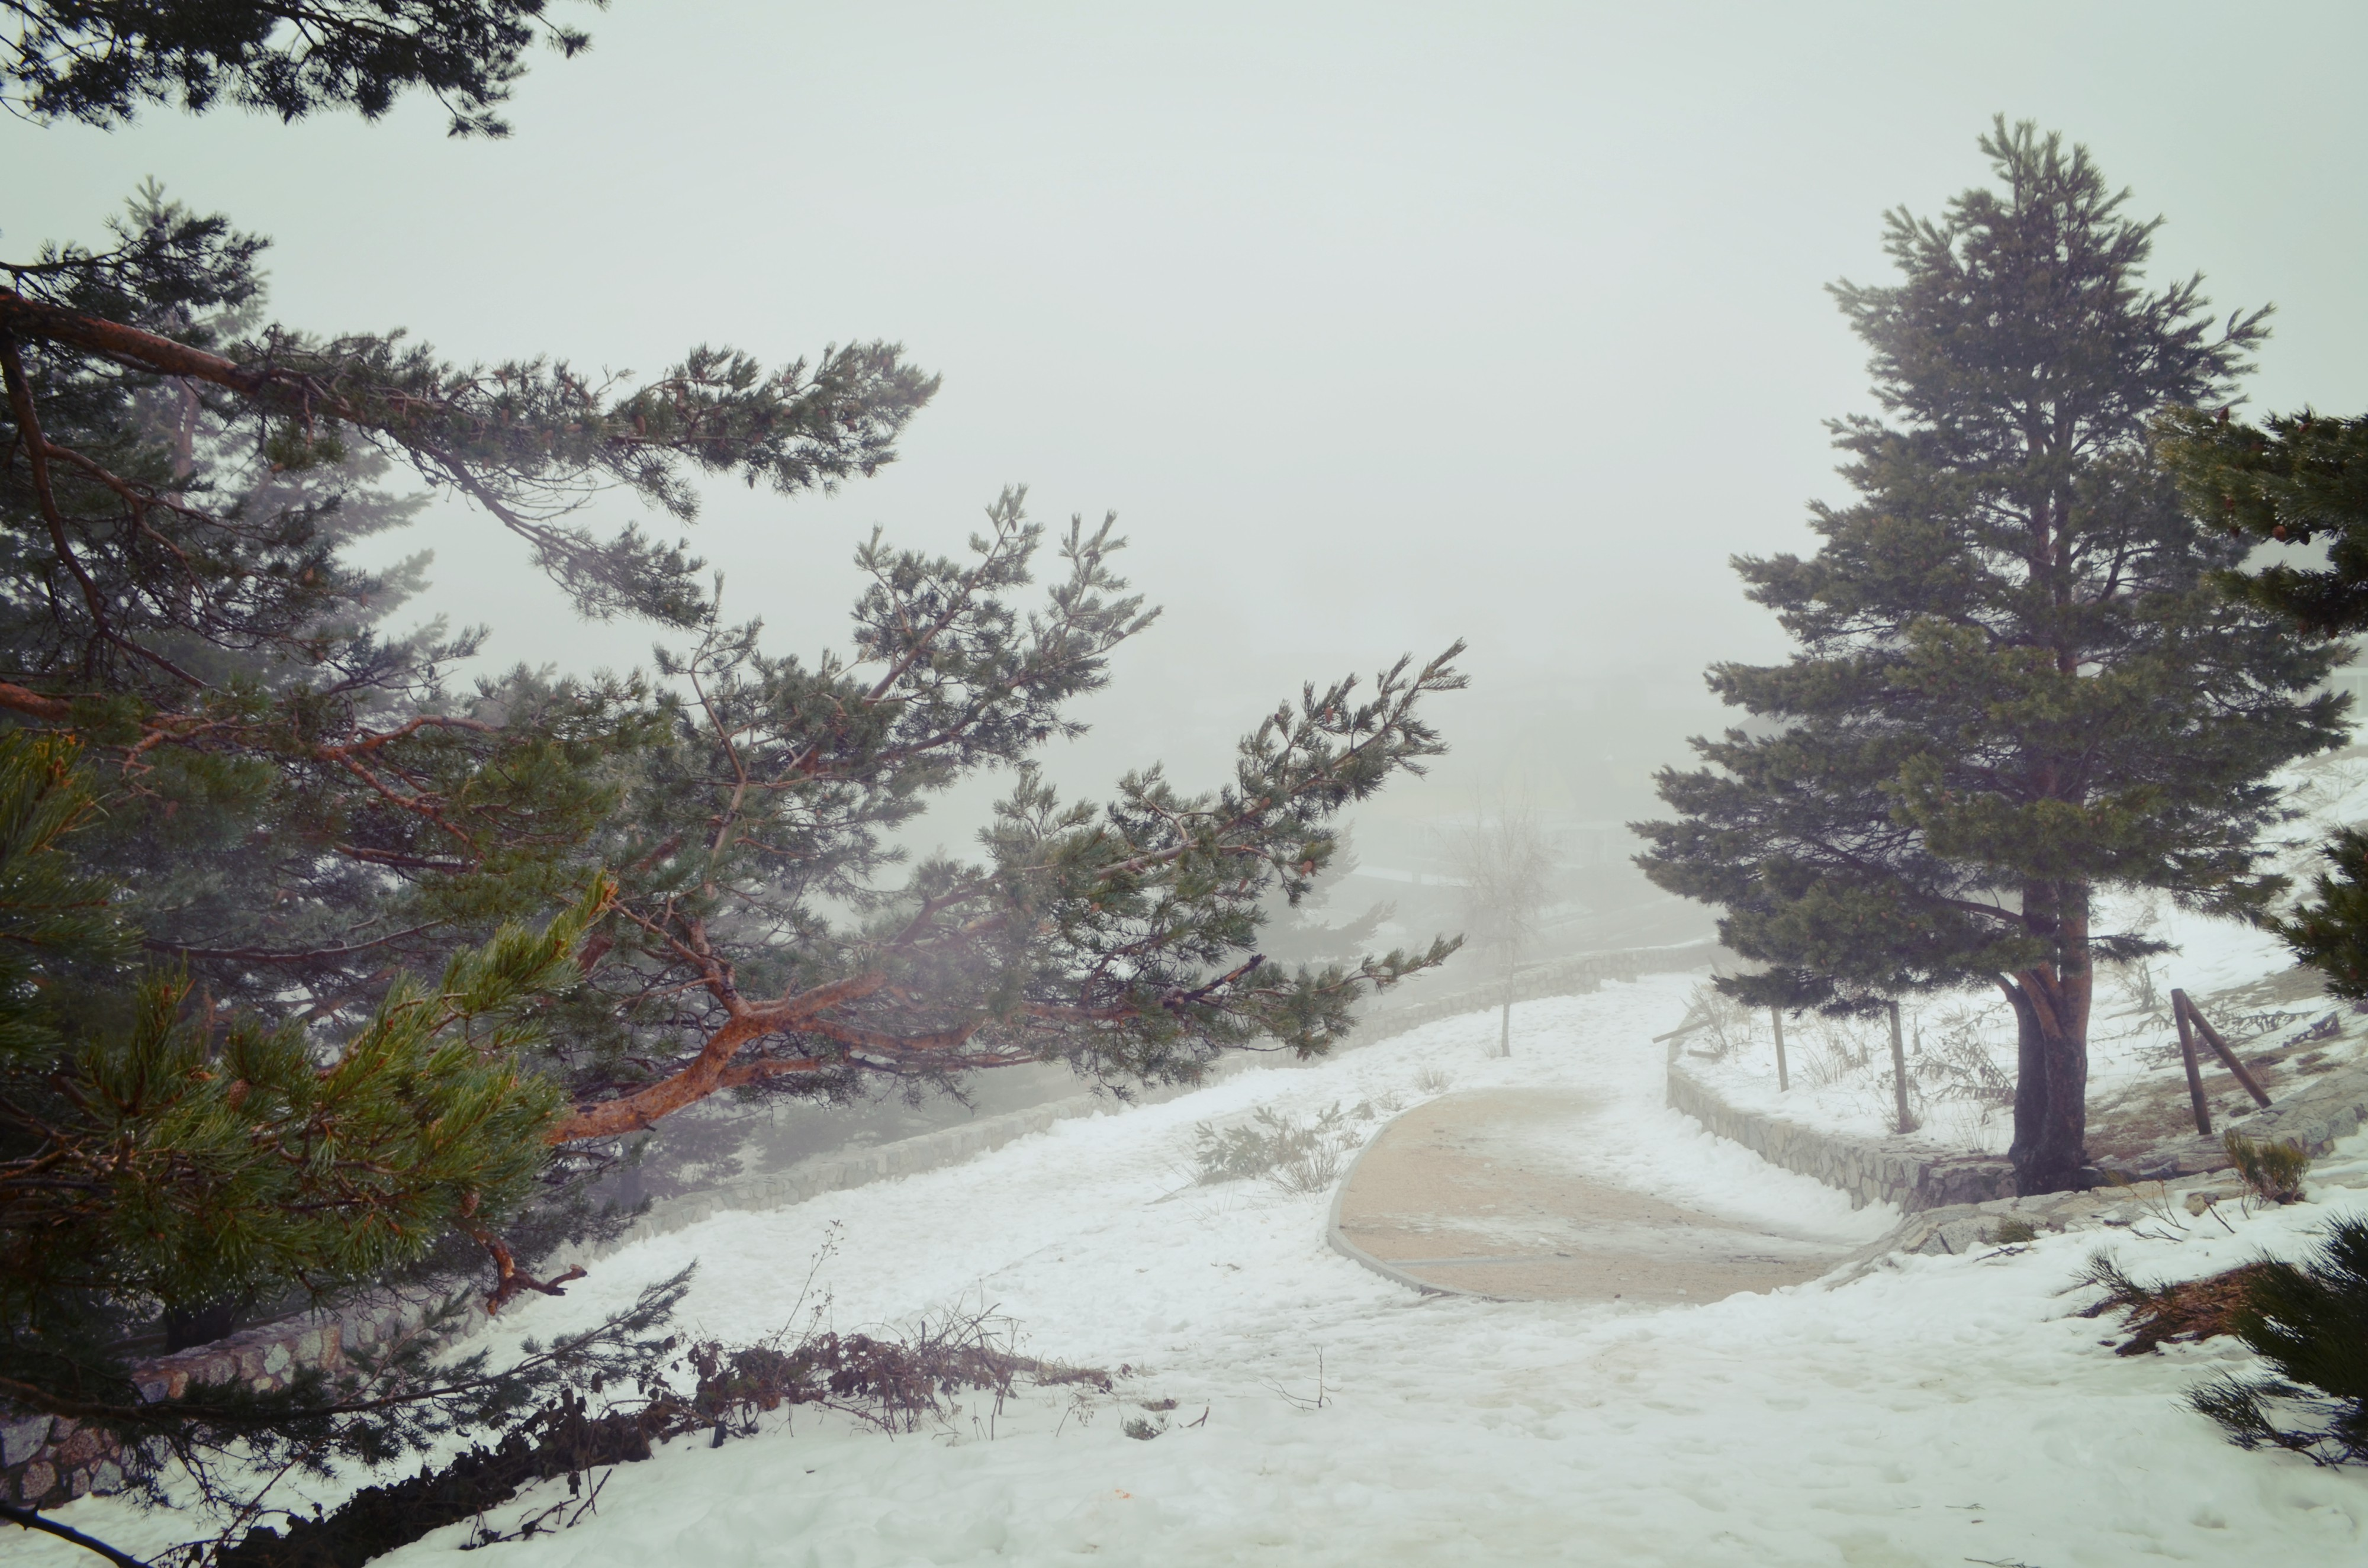 Nieve-en-Madrid-estacion-de-esqui-navacerrada-blog-de-moda-ChicAdicta-fashionista-Chic-Adicta-snow-style-PiensaenChic-Piensa-en-Chic